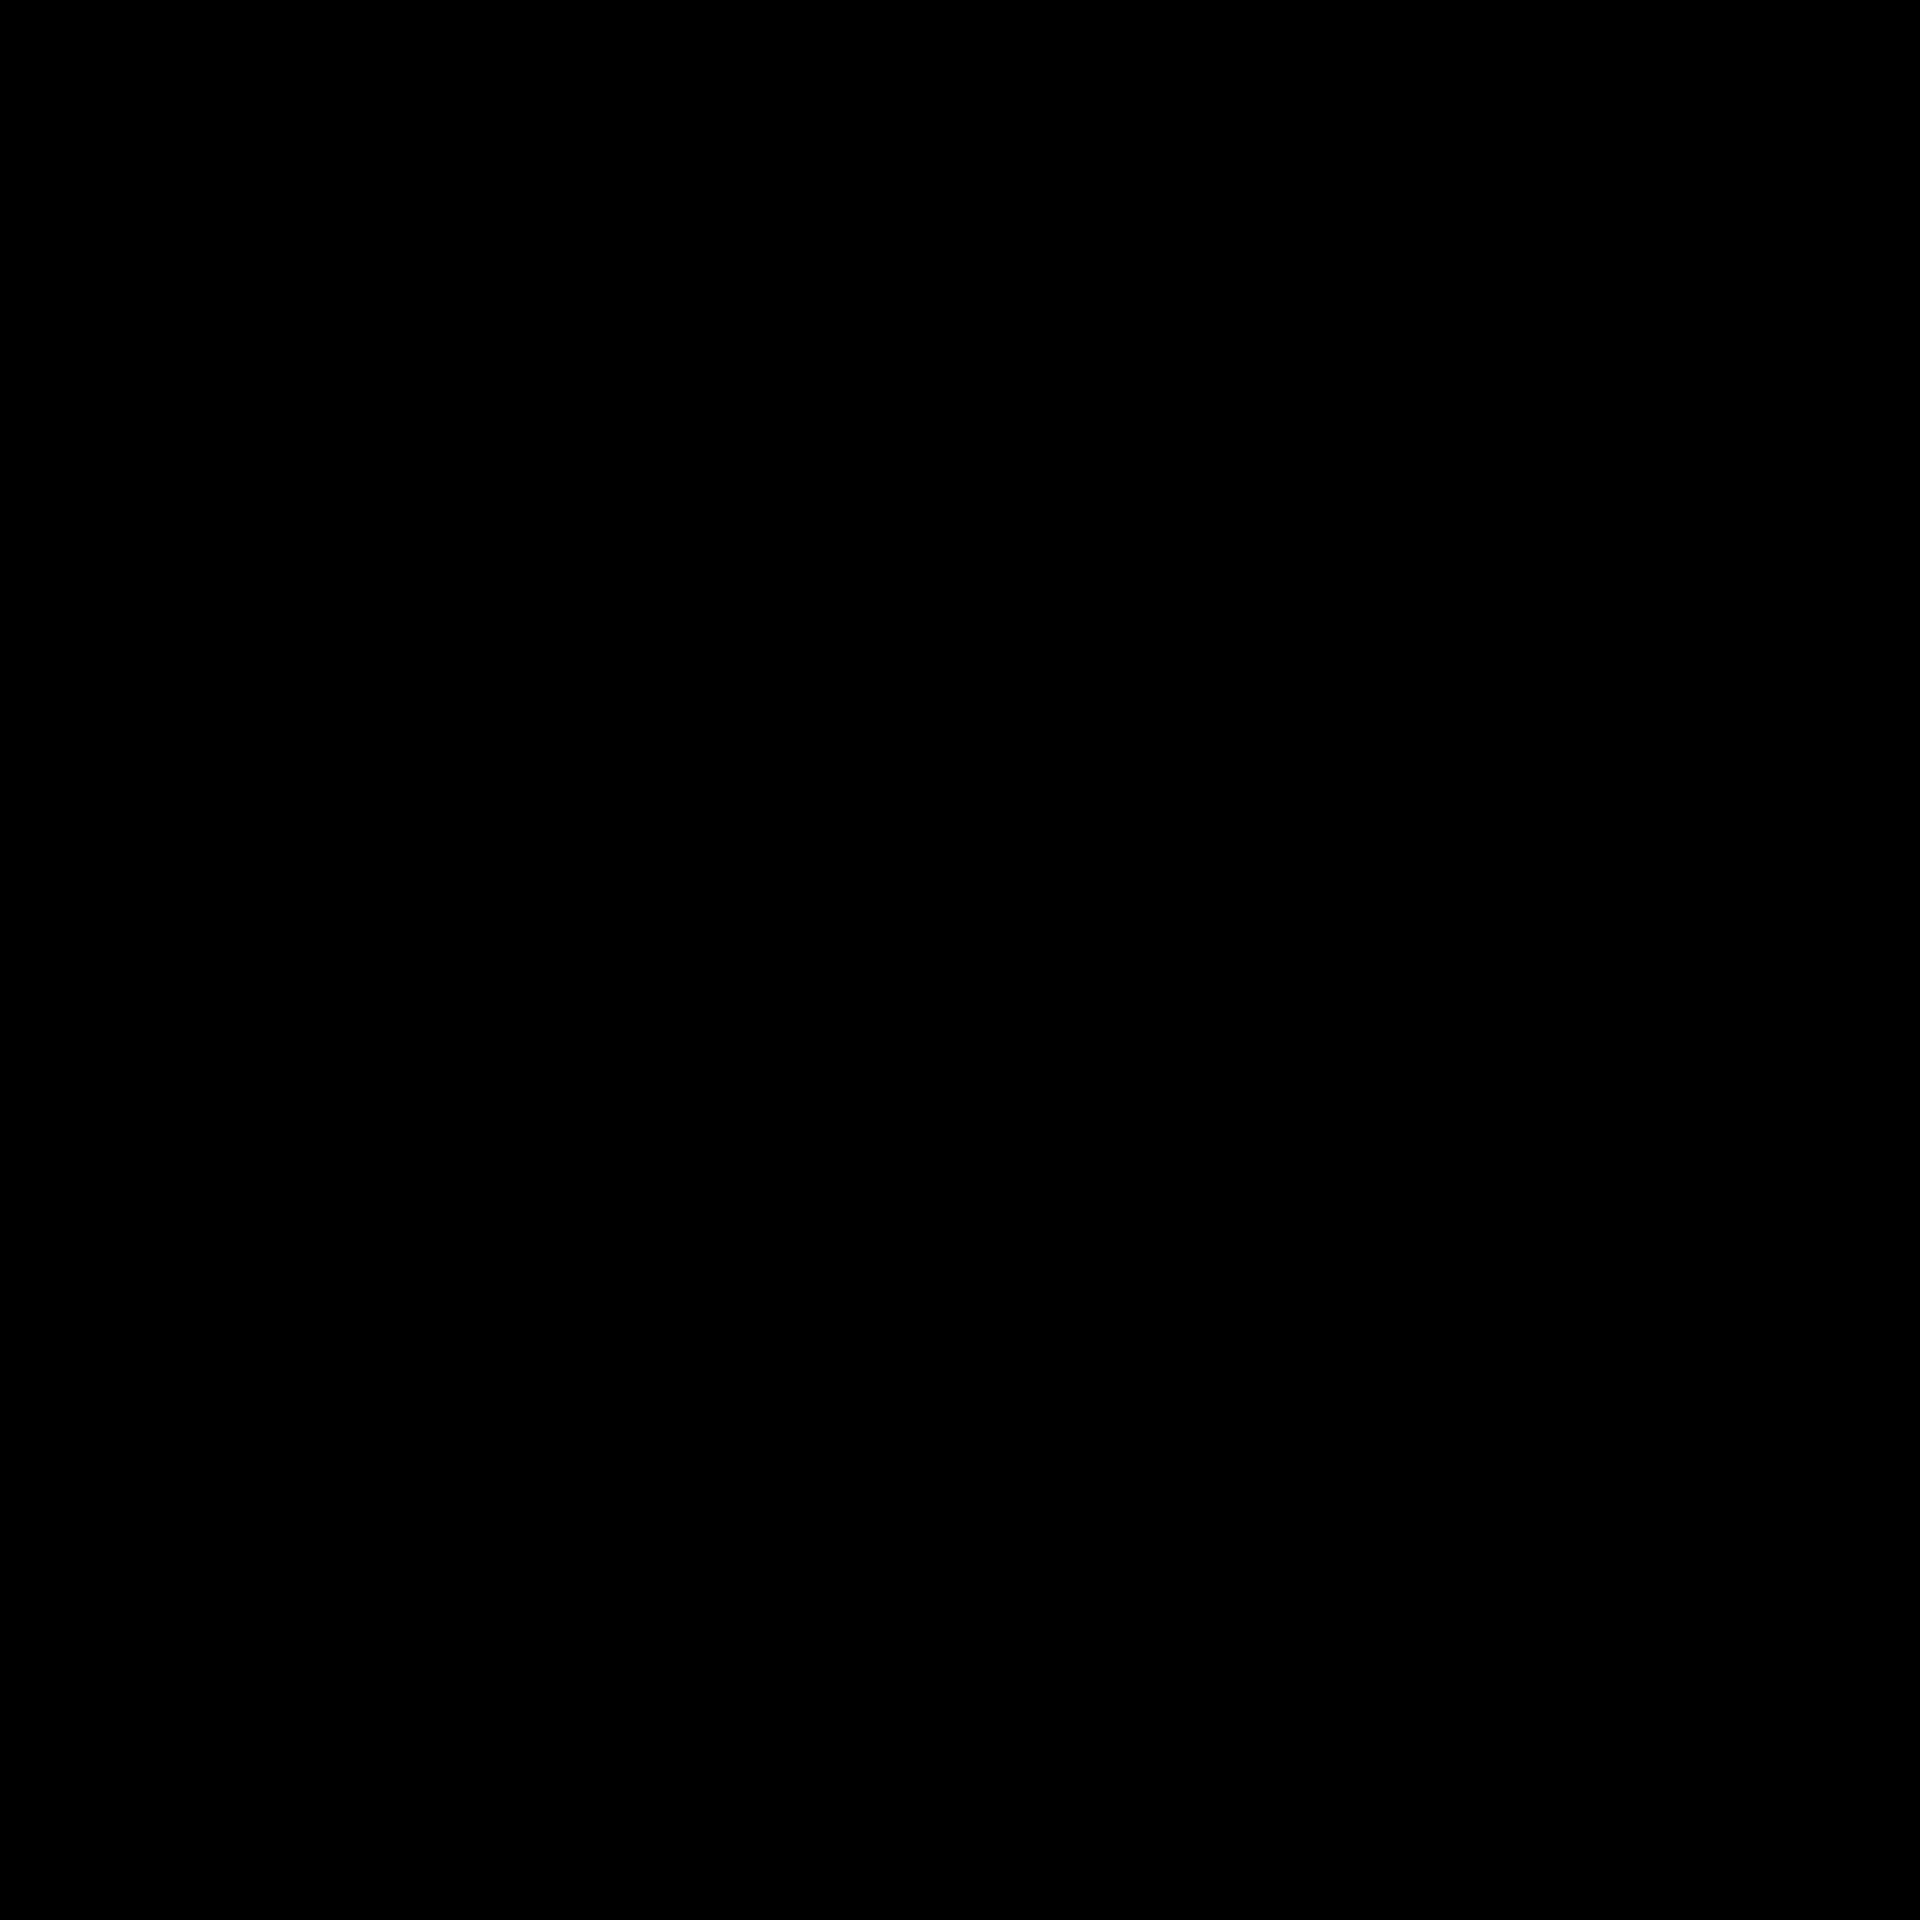 nectar-utrecht-frisdranken-siropen-kroatie-agroposta-logo